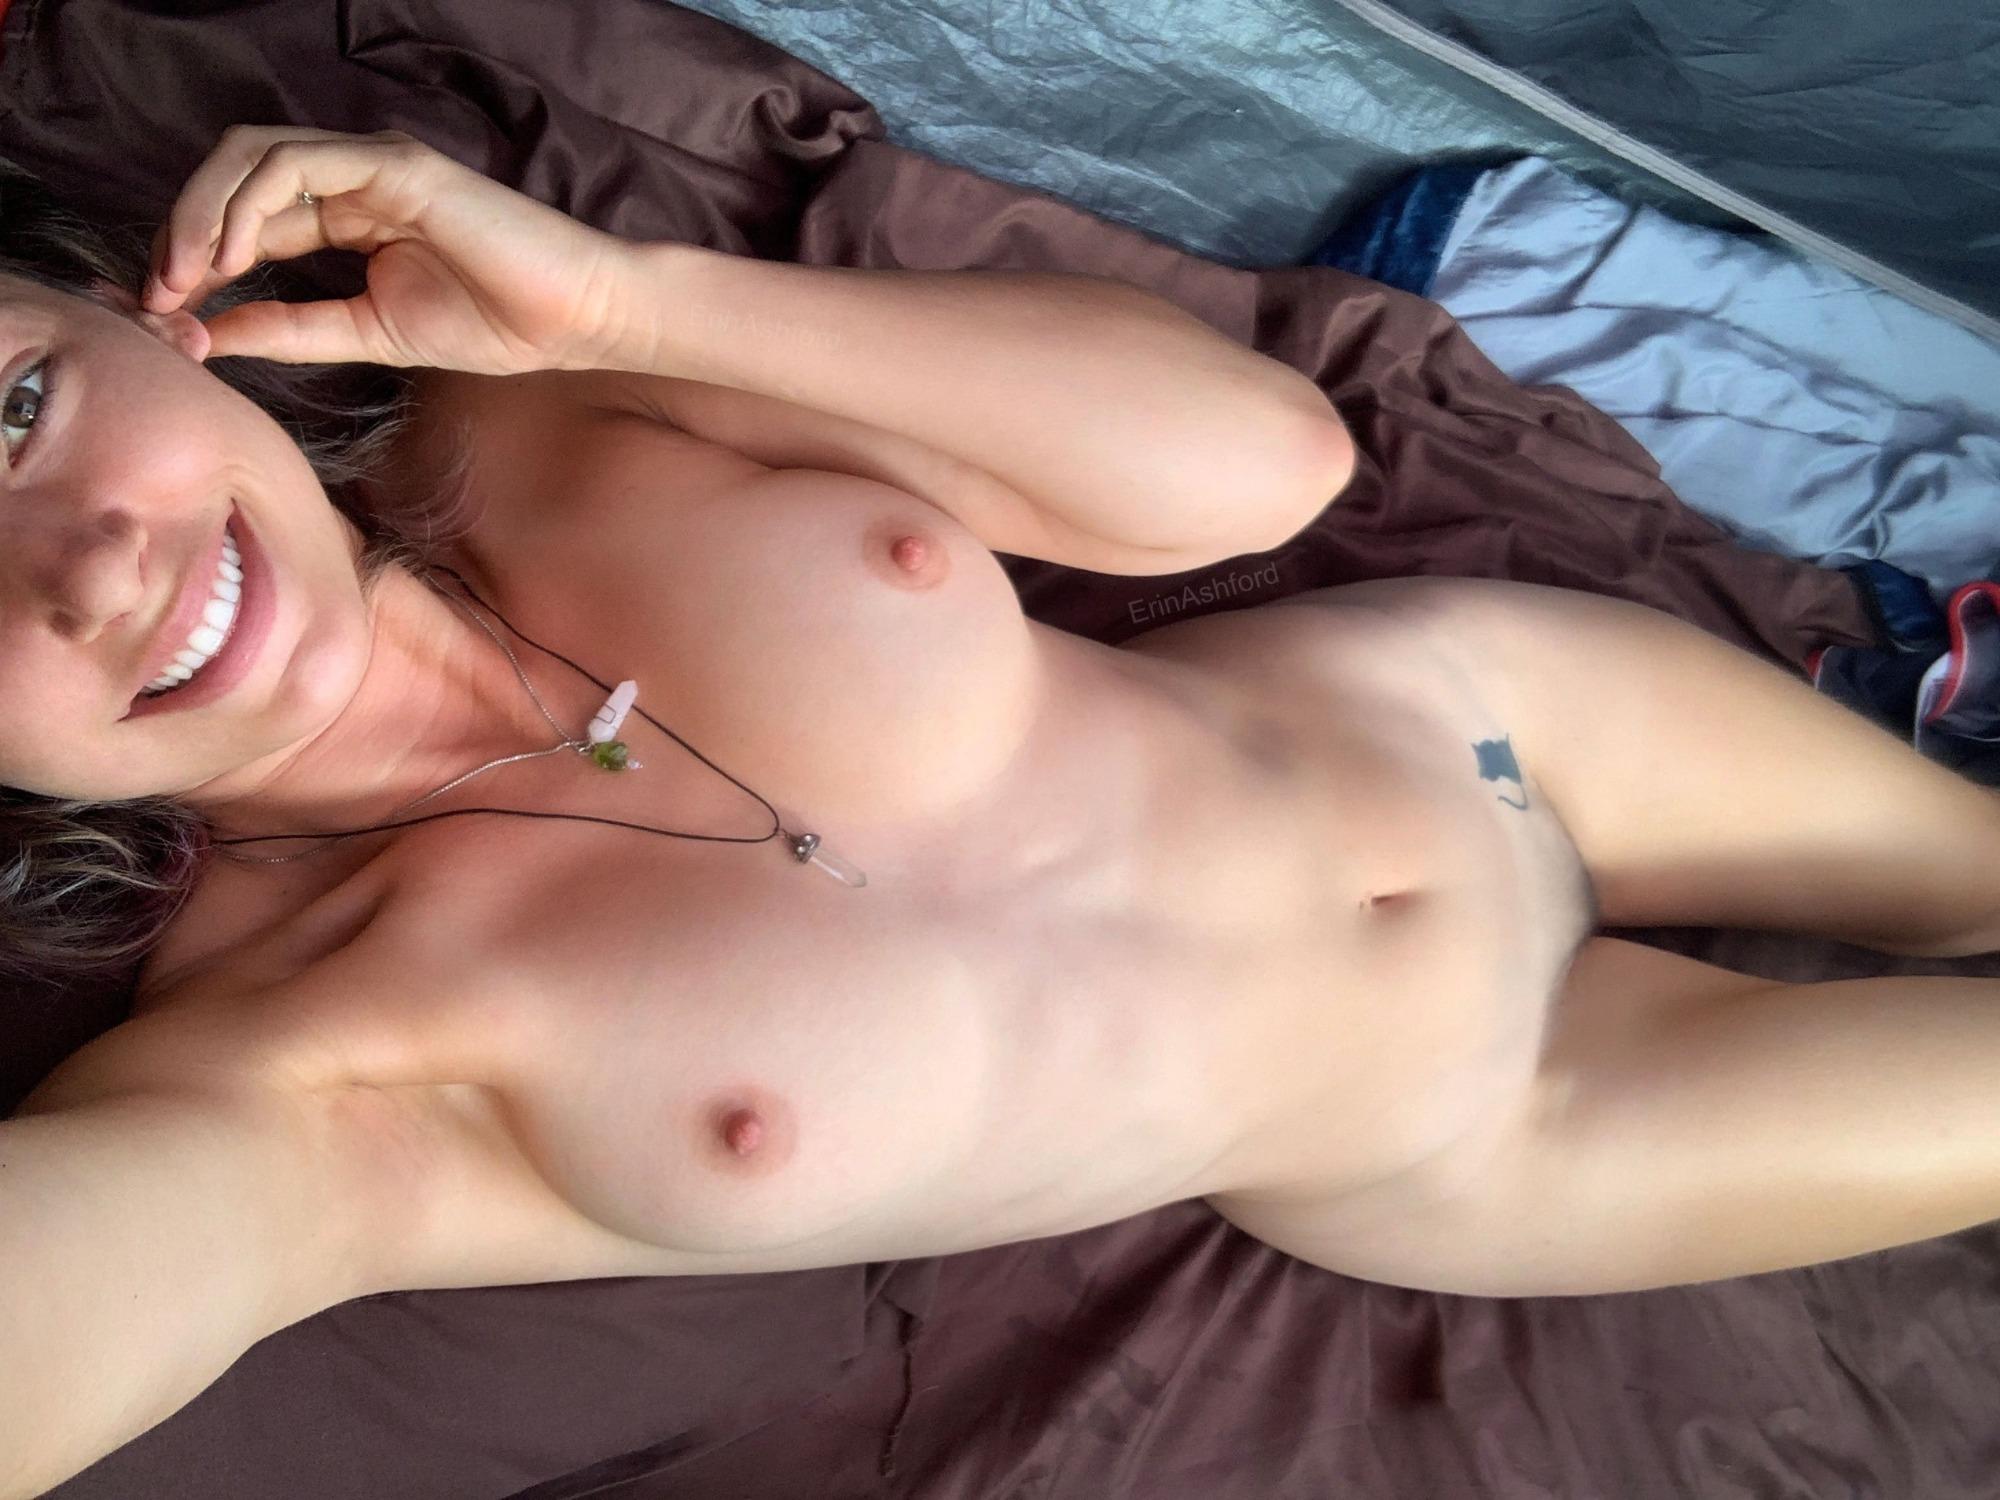 fotos de chicas amateurs xxx sexo de amateur